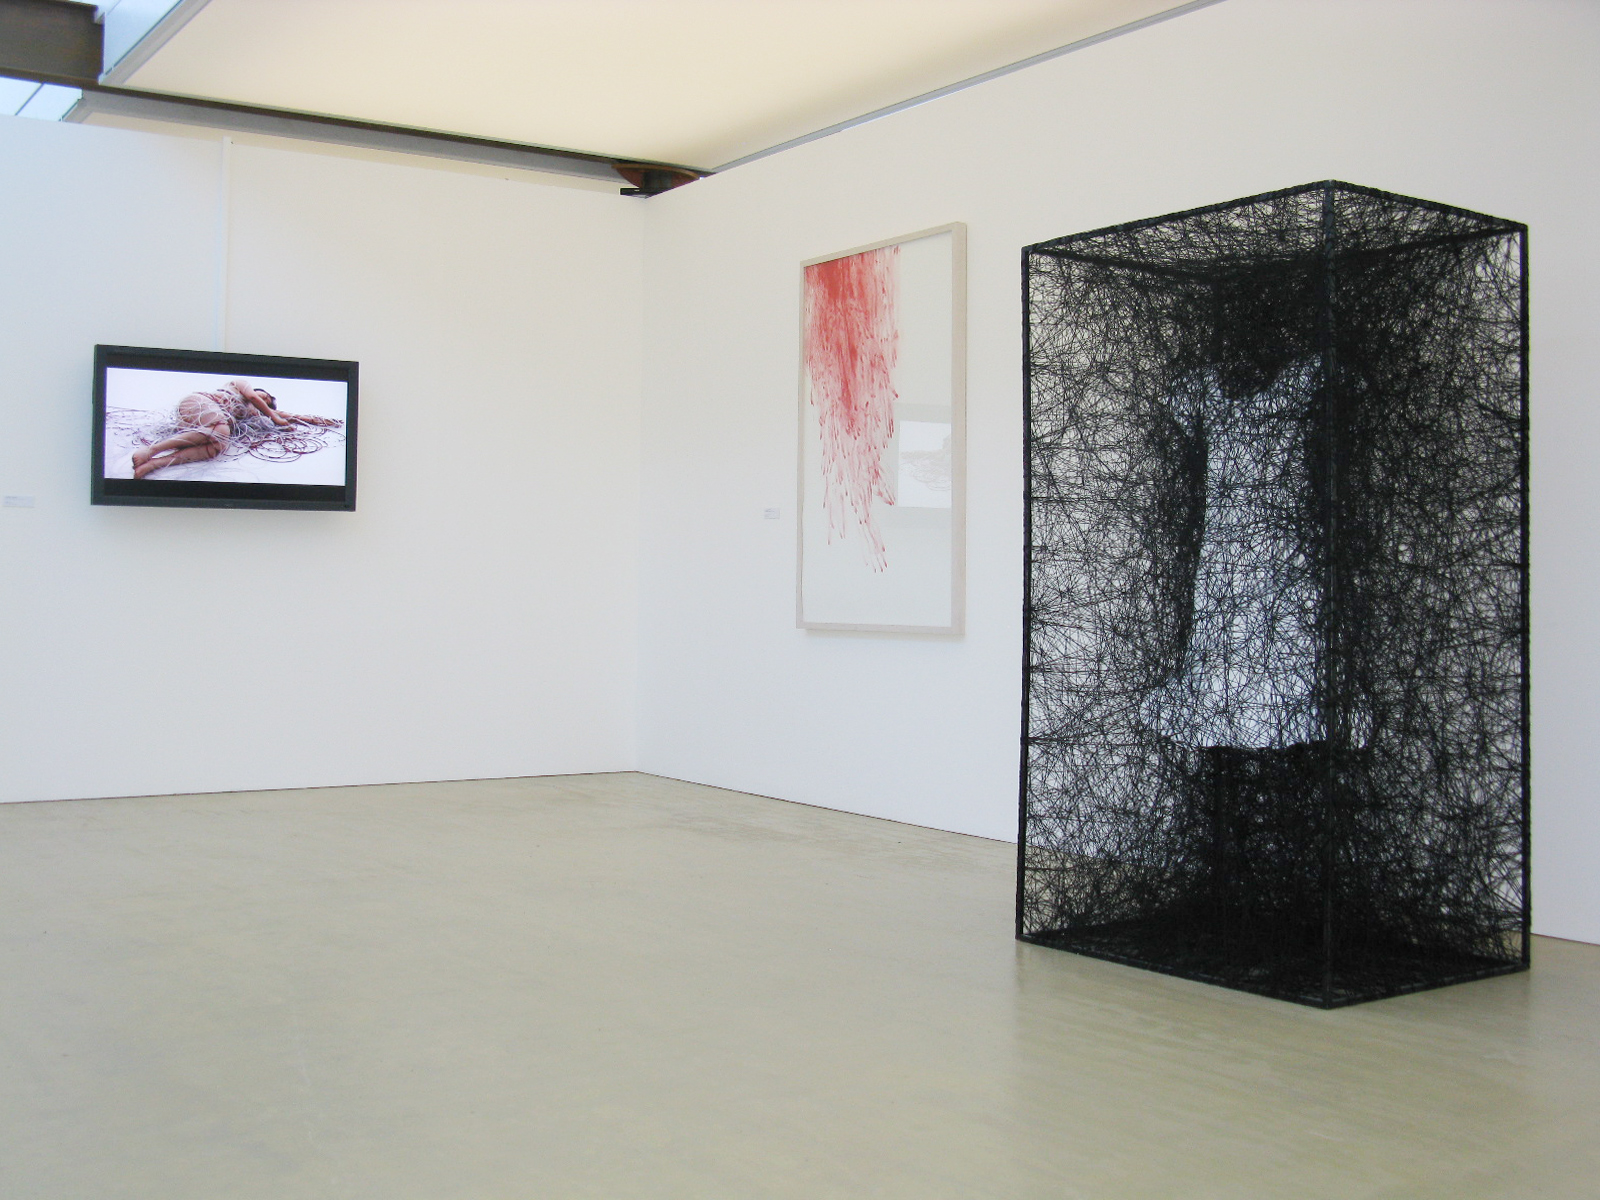 Kunstwerk - Sammlung Klein - Nussdorf - Museum - Kunst - Art - Baden-Württemberg - Chiharu Shiota - Installationshot